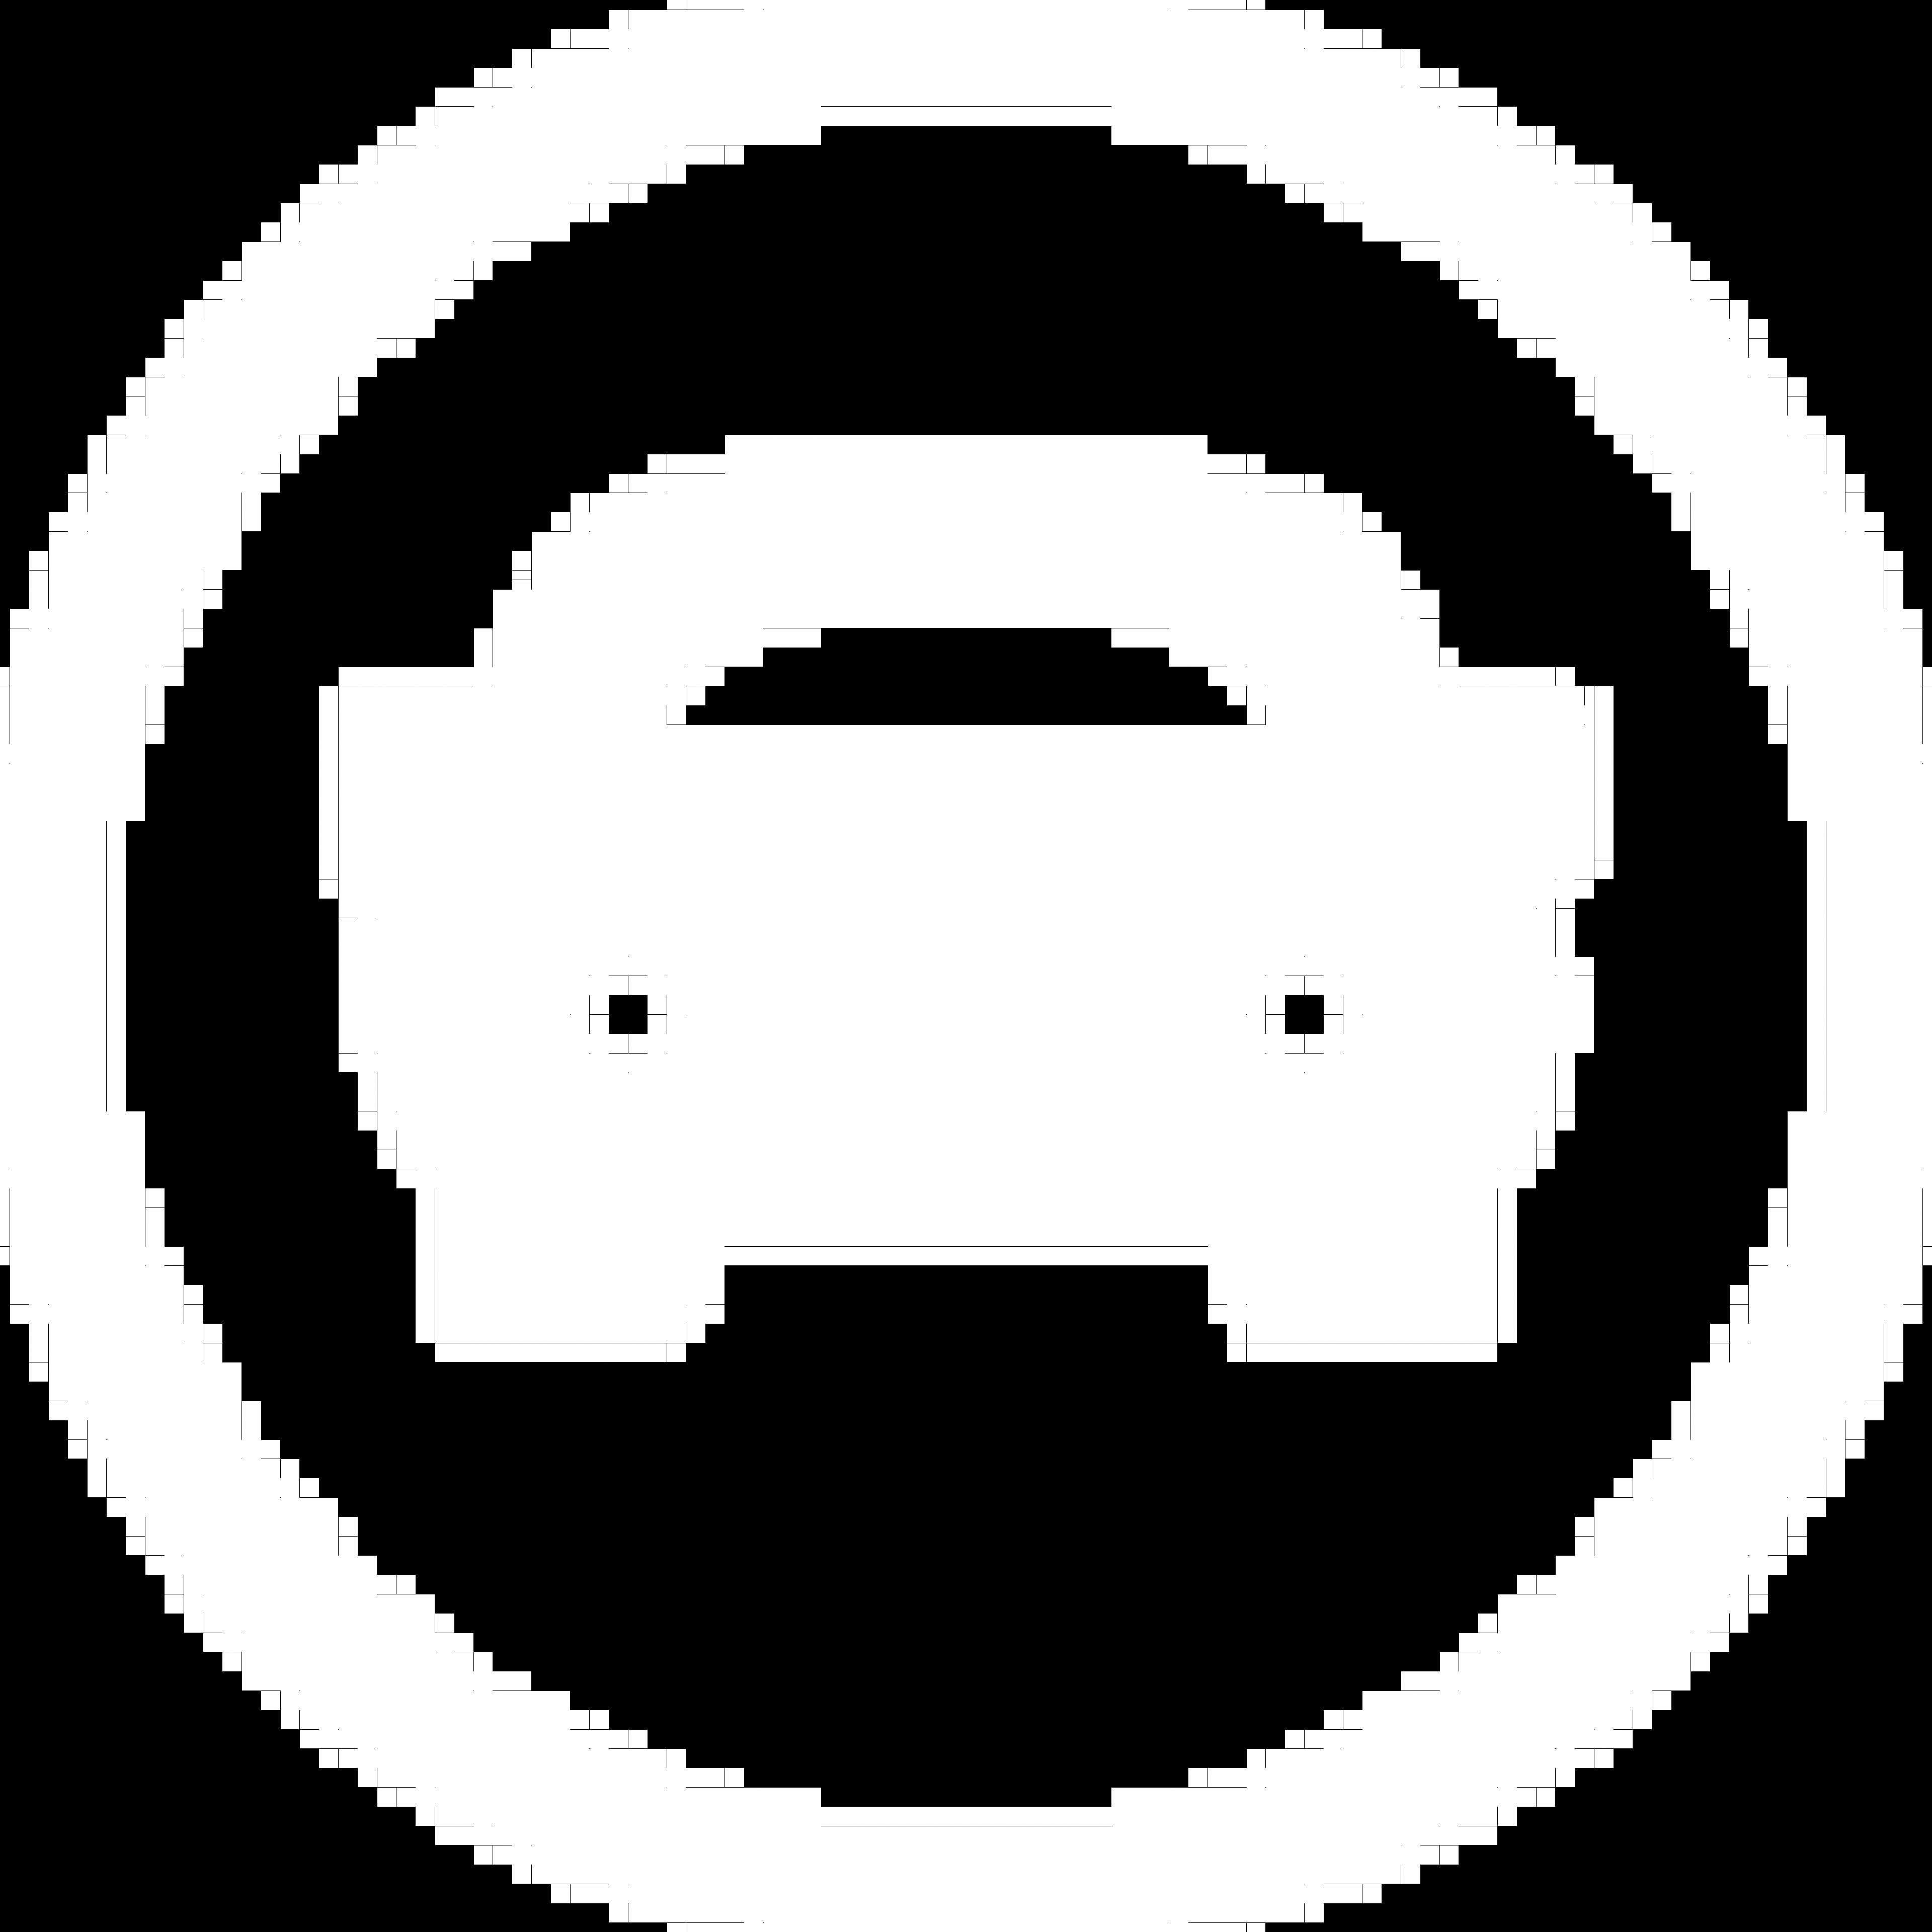 Icône d'une voiture blanche à l'intérieur d'un cercle blanc